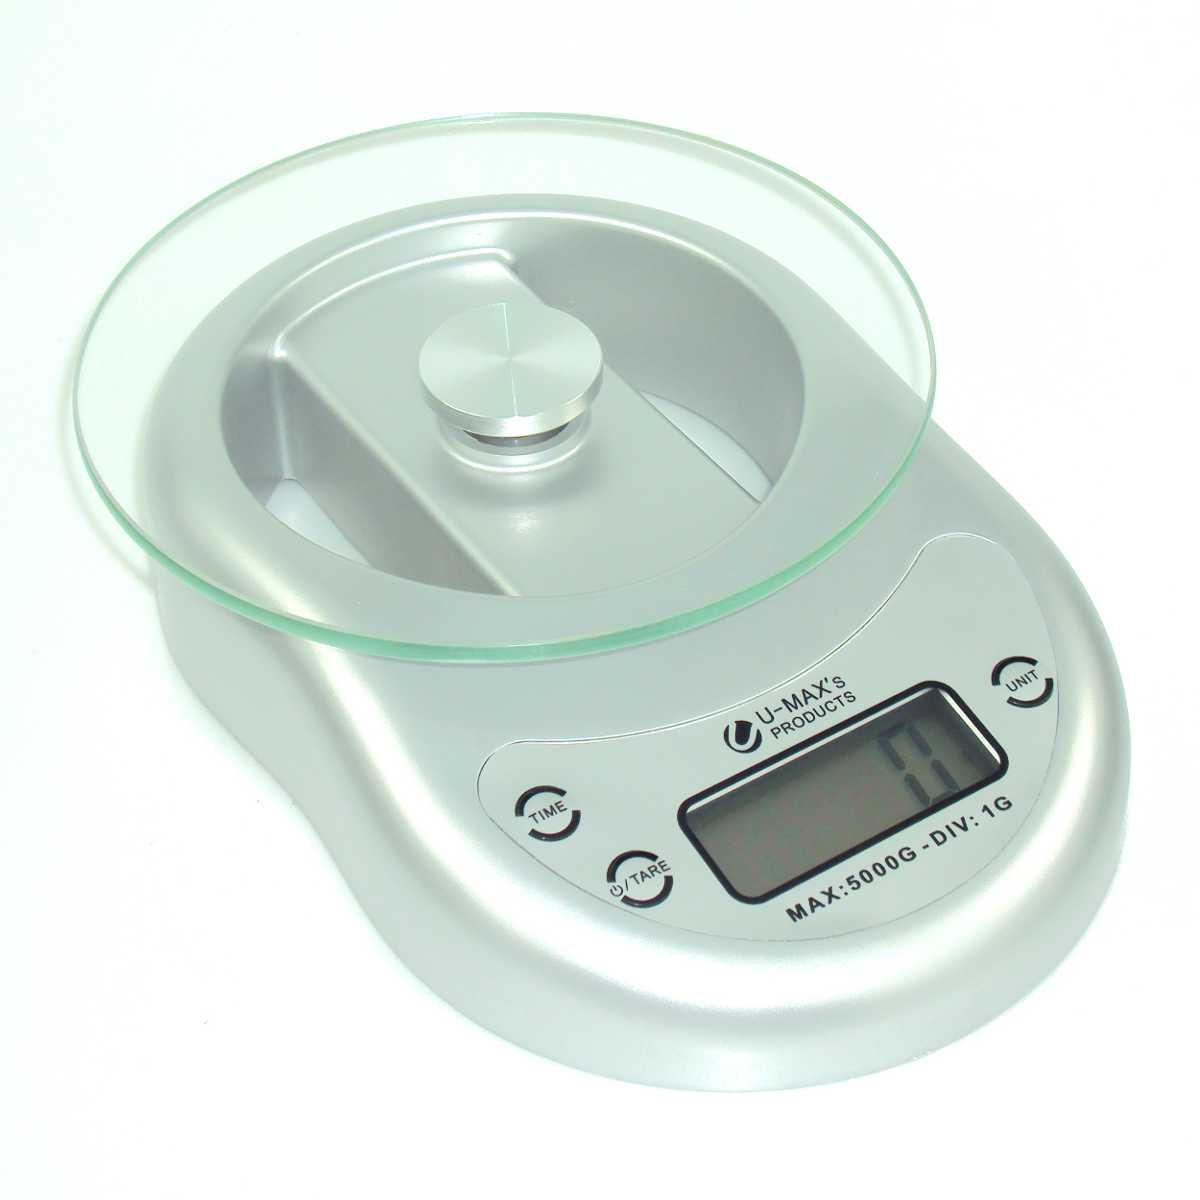 Balança de Cozinha com Bandeja em Vidro com Relógio Digital Capacidade 5Kg Divisão de 1g Prata EK-1